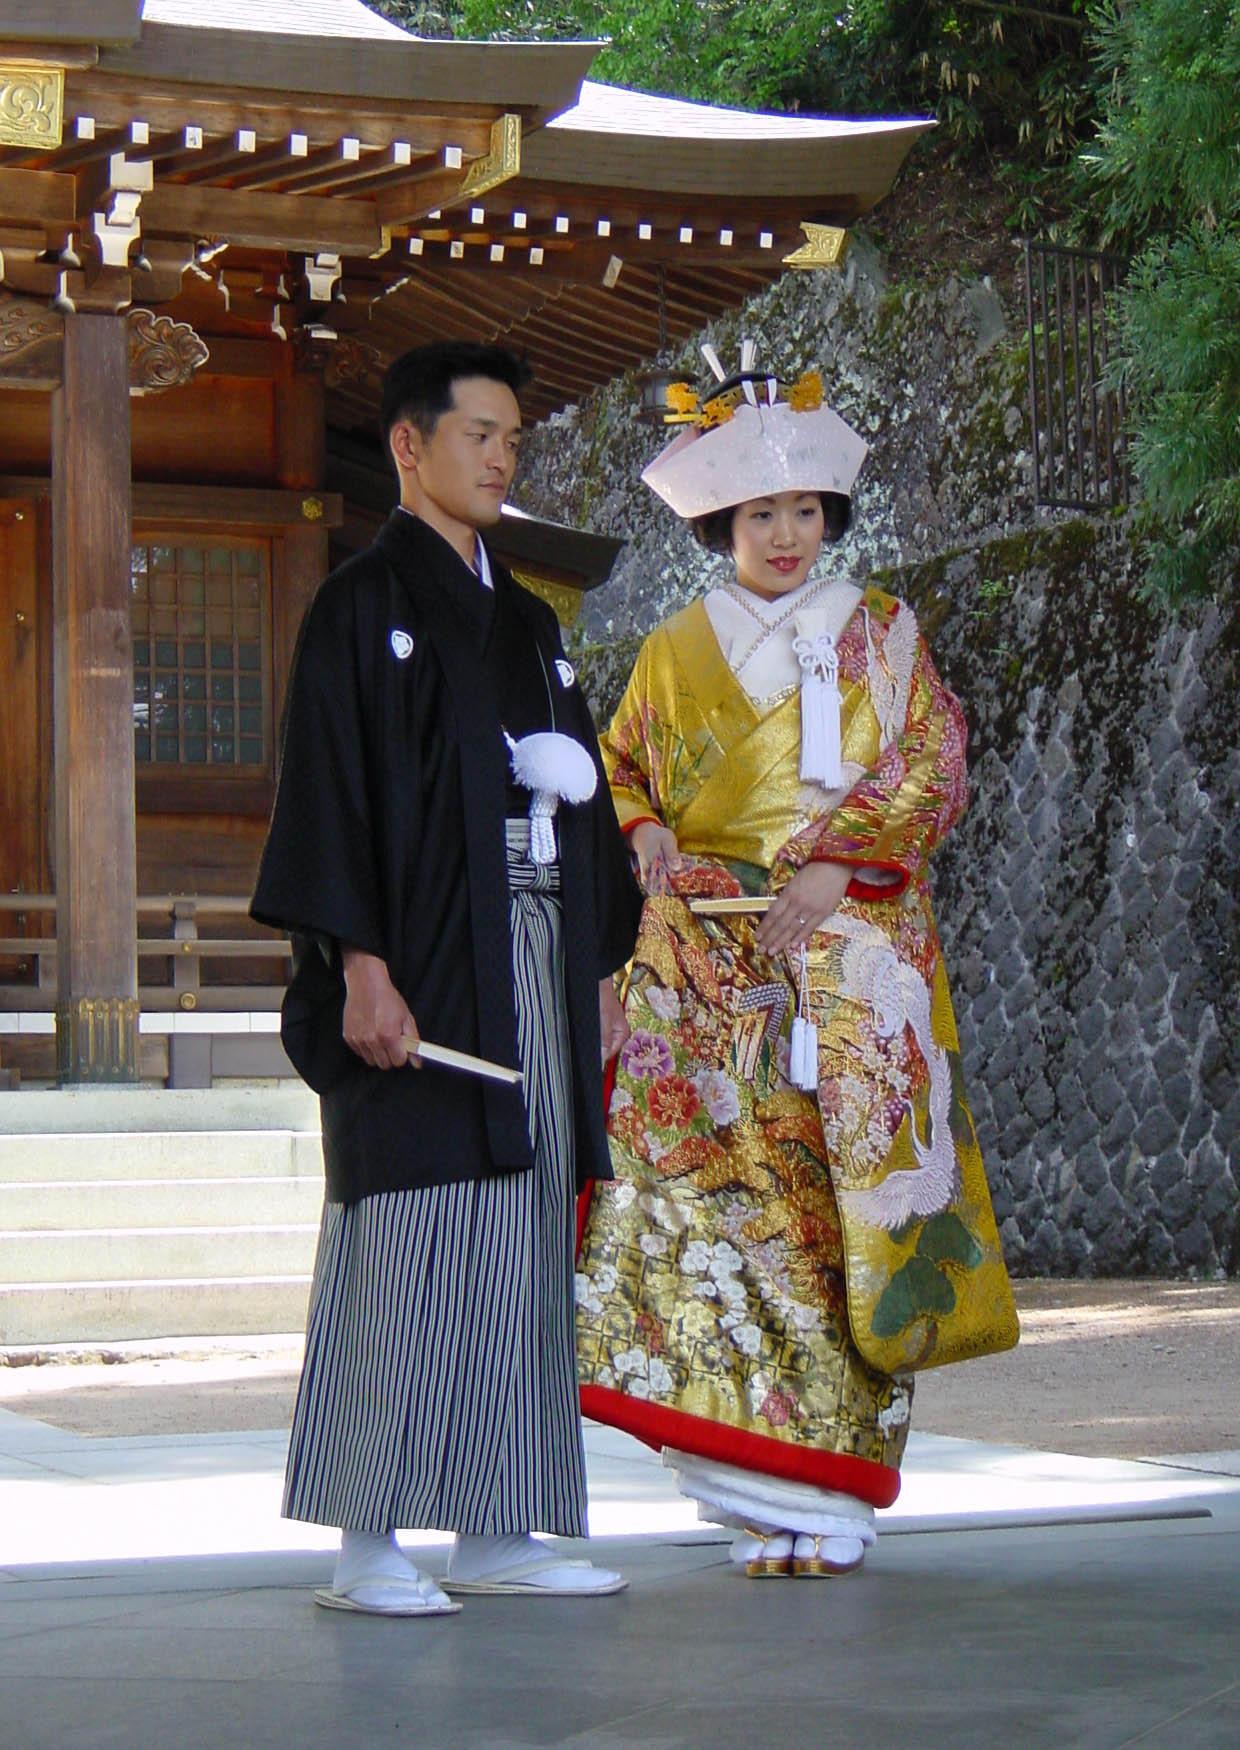 Photo mariage au japon [305x431]